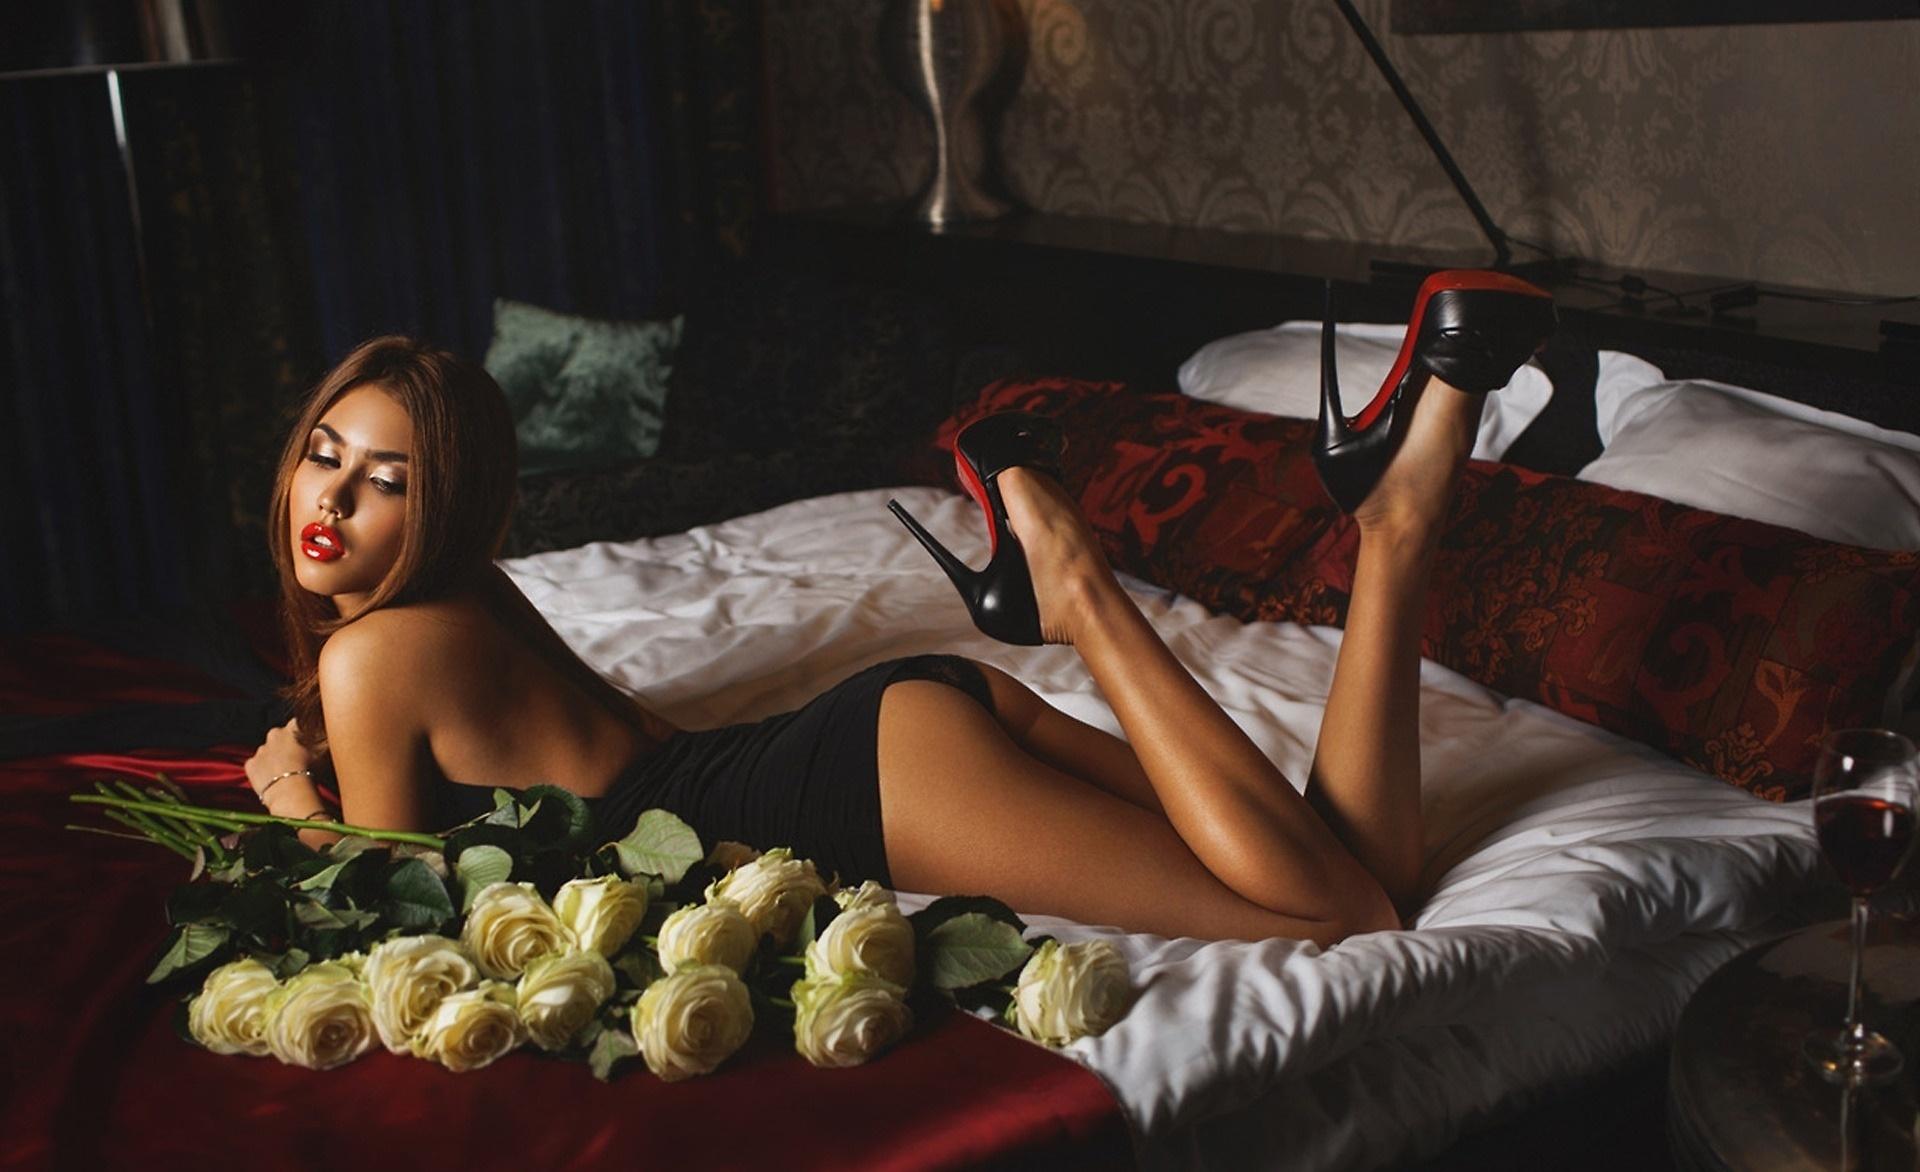 hozyain-eroticheskaya-fotosessiya-s-tsvetami-podglyadivanie-svadbah-zhenshinami